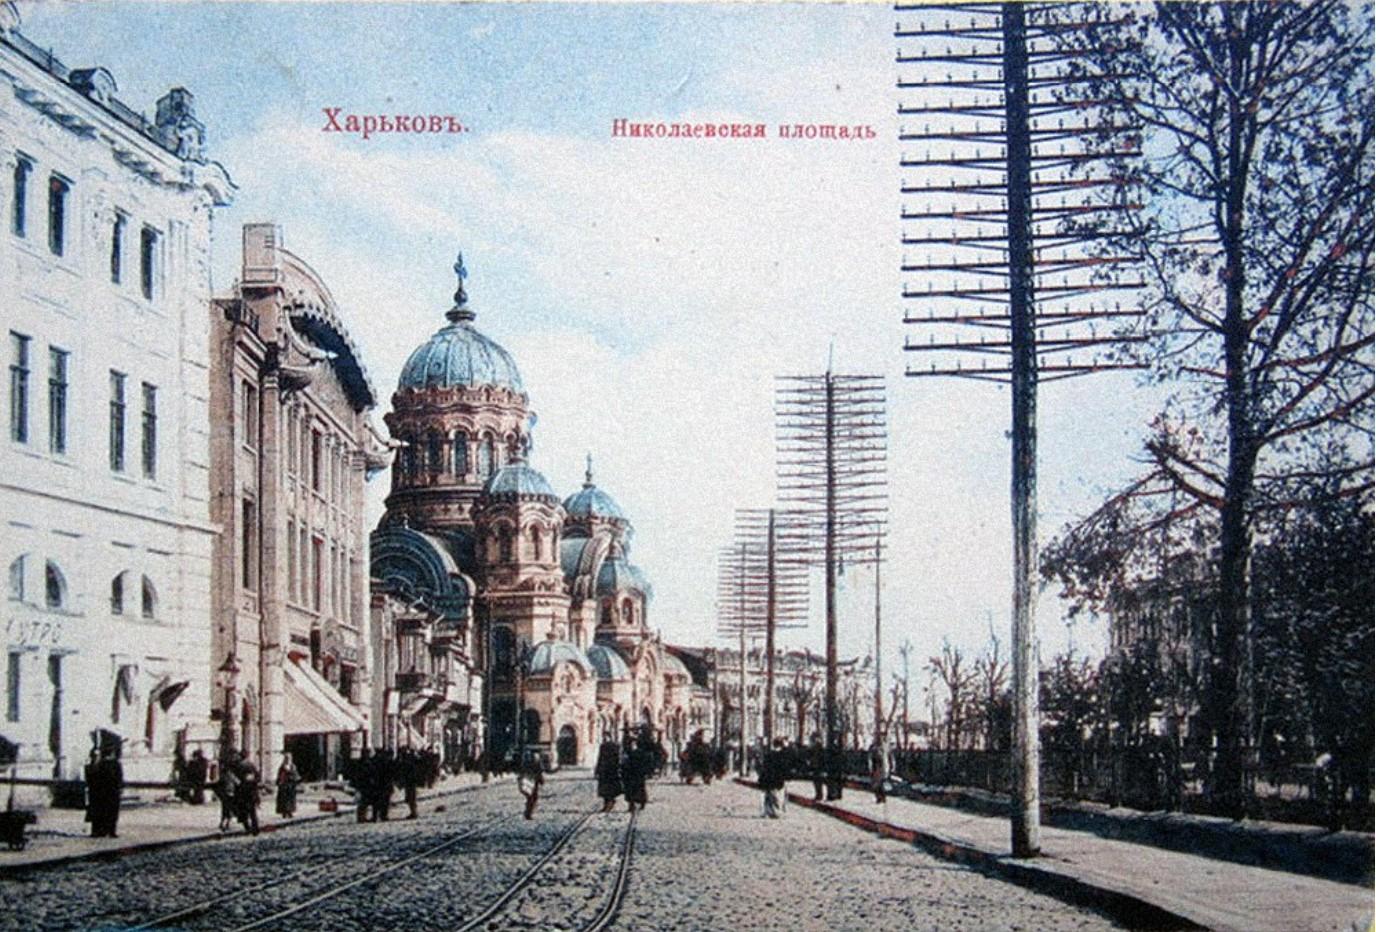 Николаевская площадь от Торгового банка